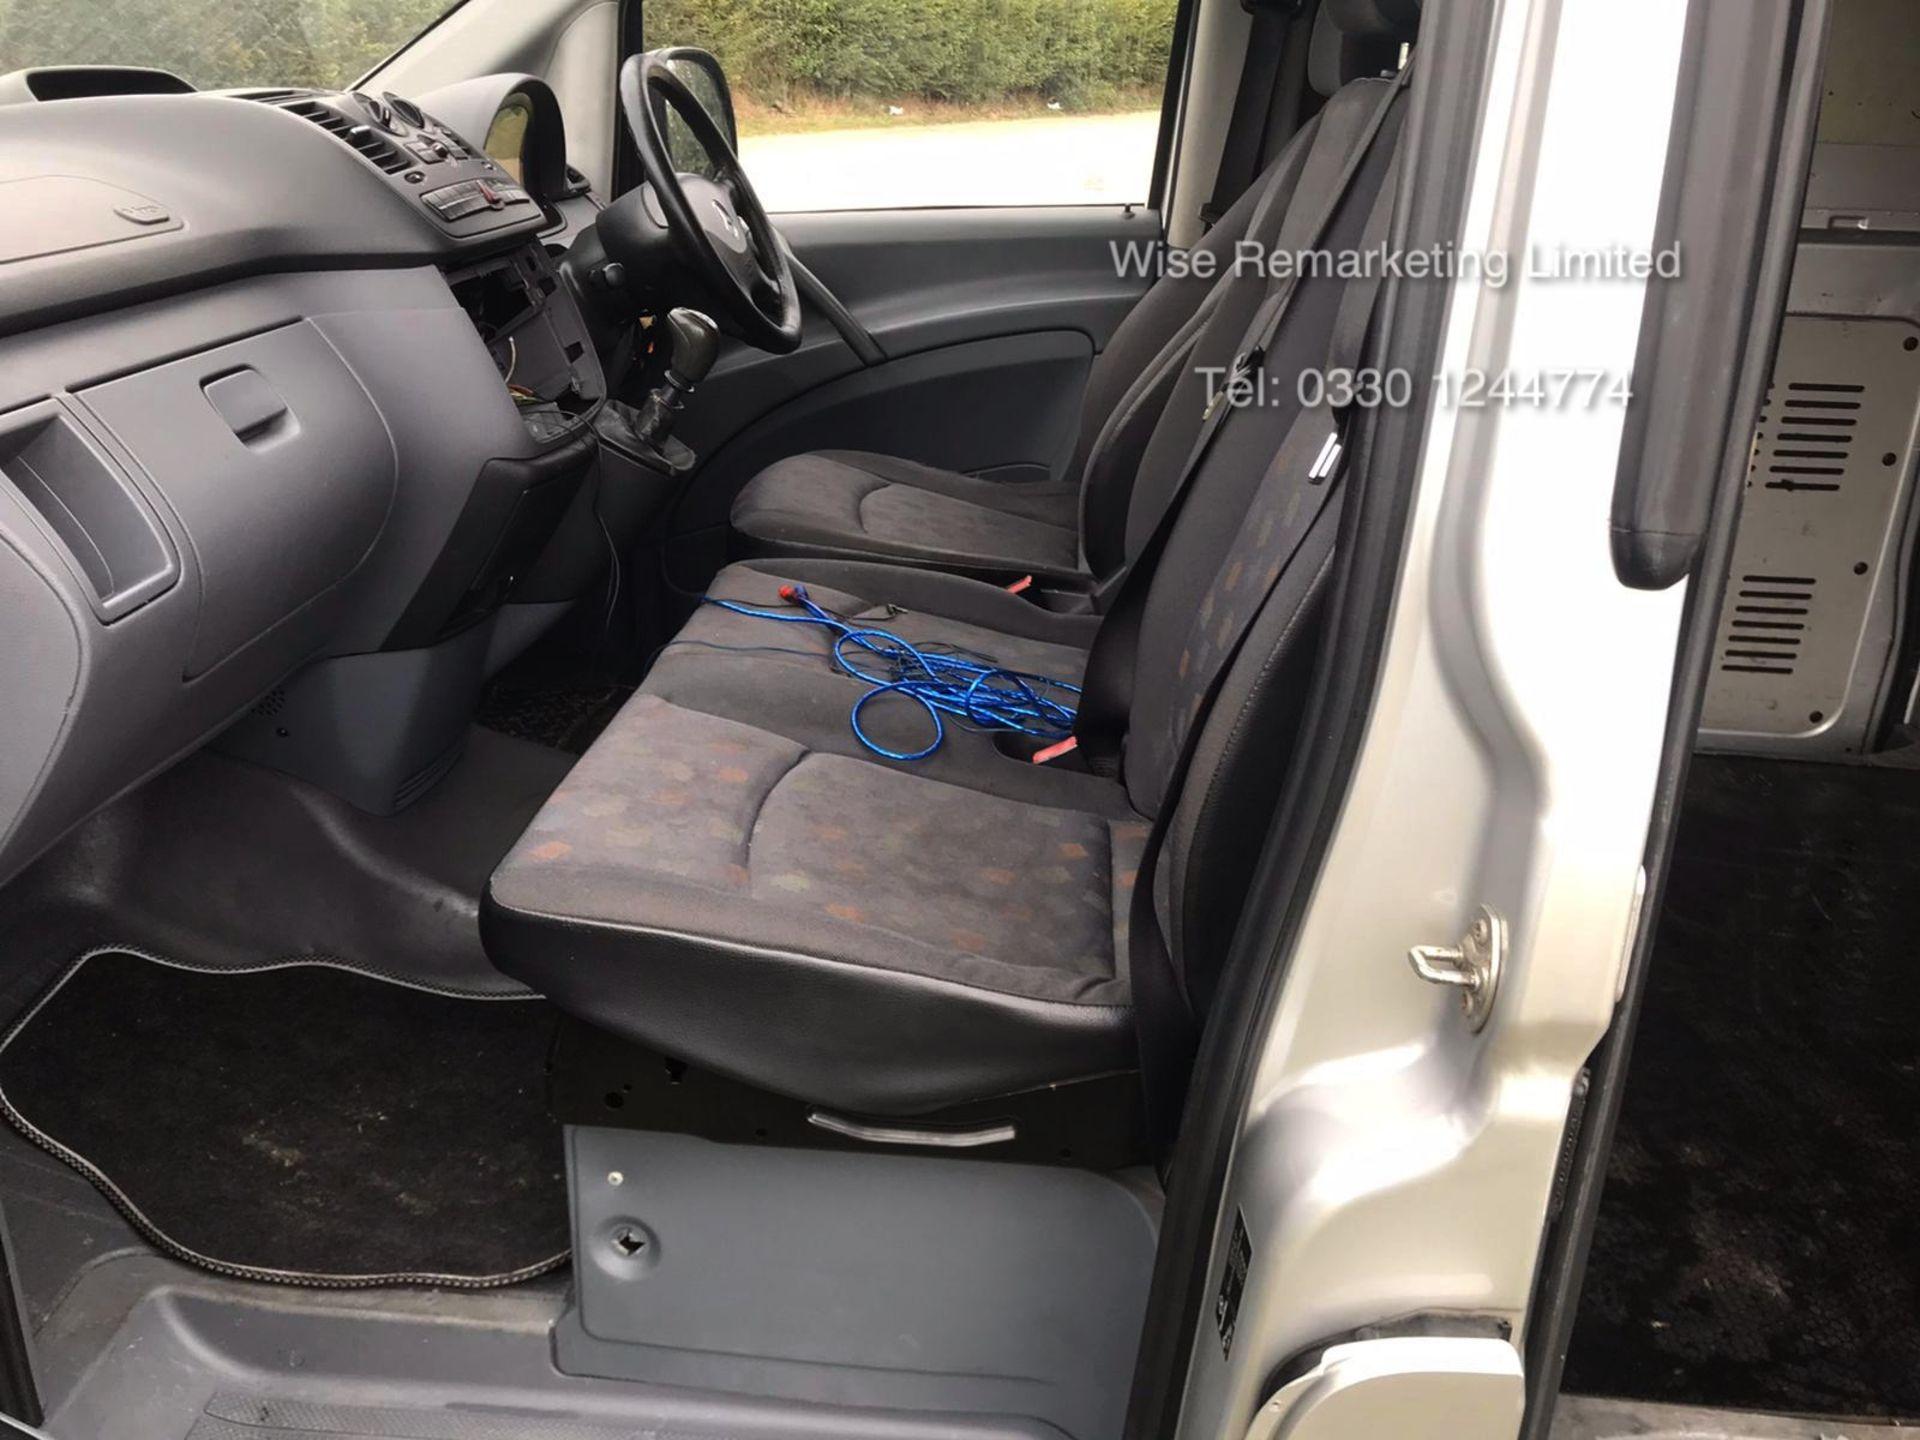 Lot 37 - Mercedes Benz Vito 111 2.2 Cdi Long - 2009 Model - 6 Speed - Air Con - NO VAT